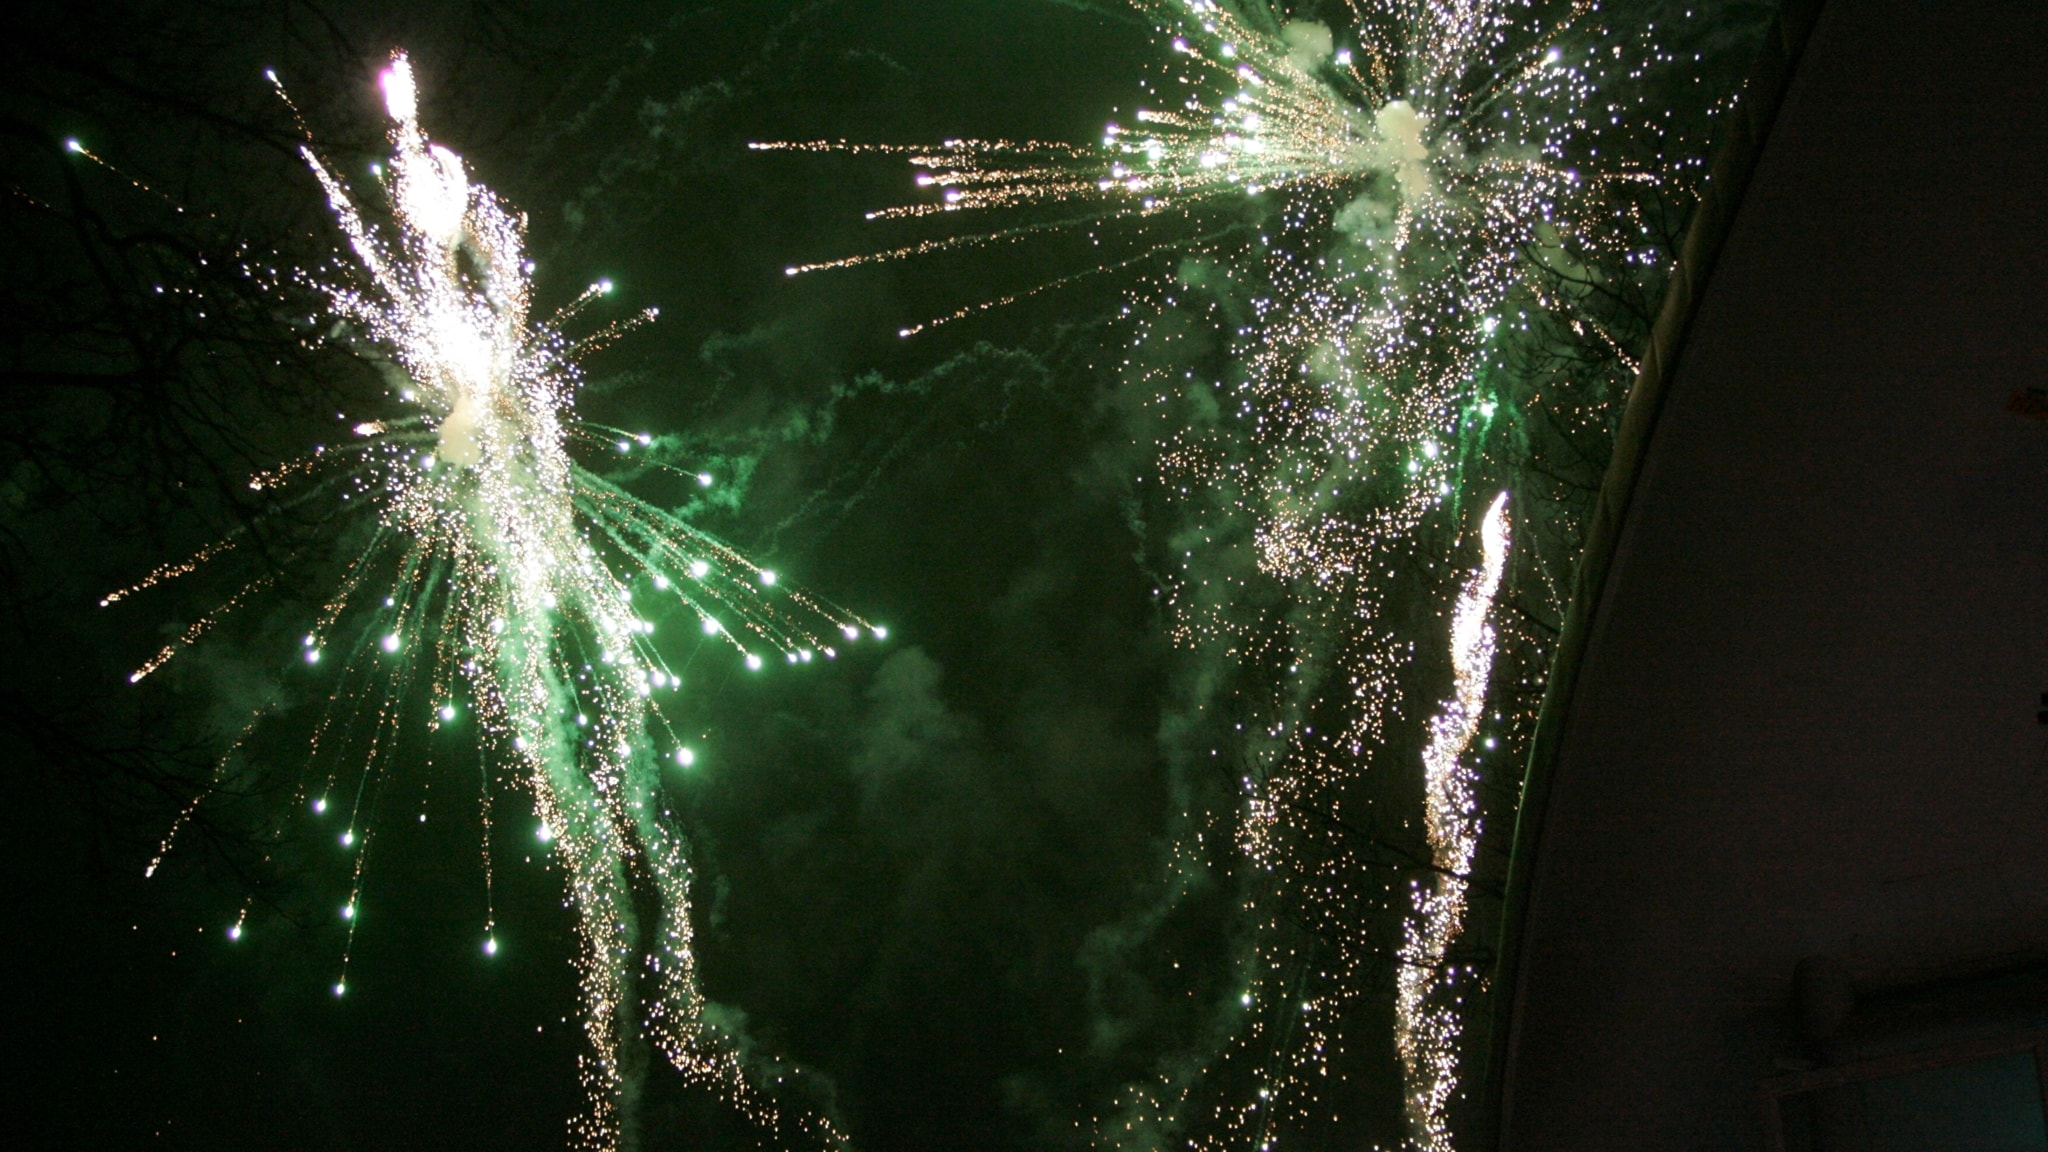 Räddningstjänst attackerad med raketer inför nyårsfirandet